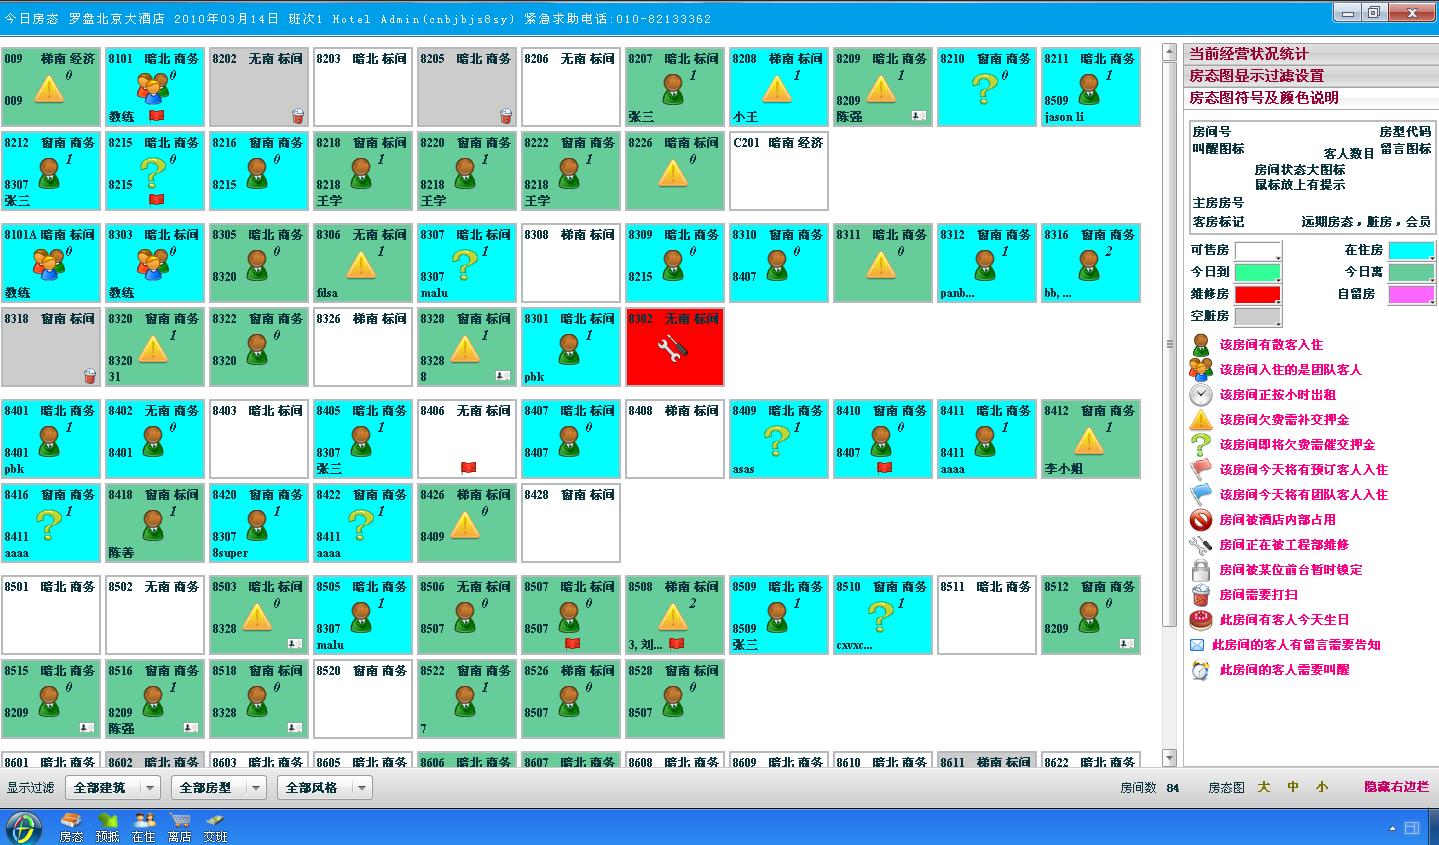 IPMS云计算酒店管理系统截图2